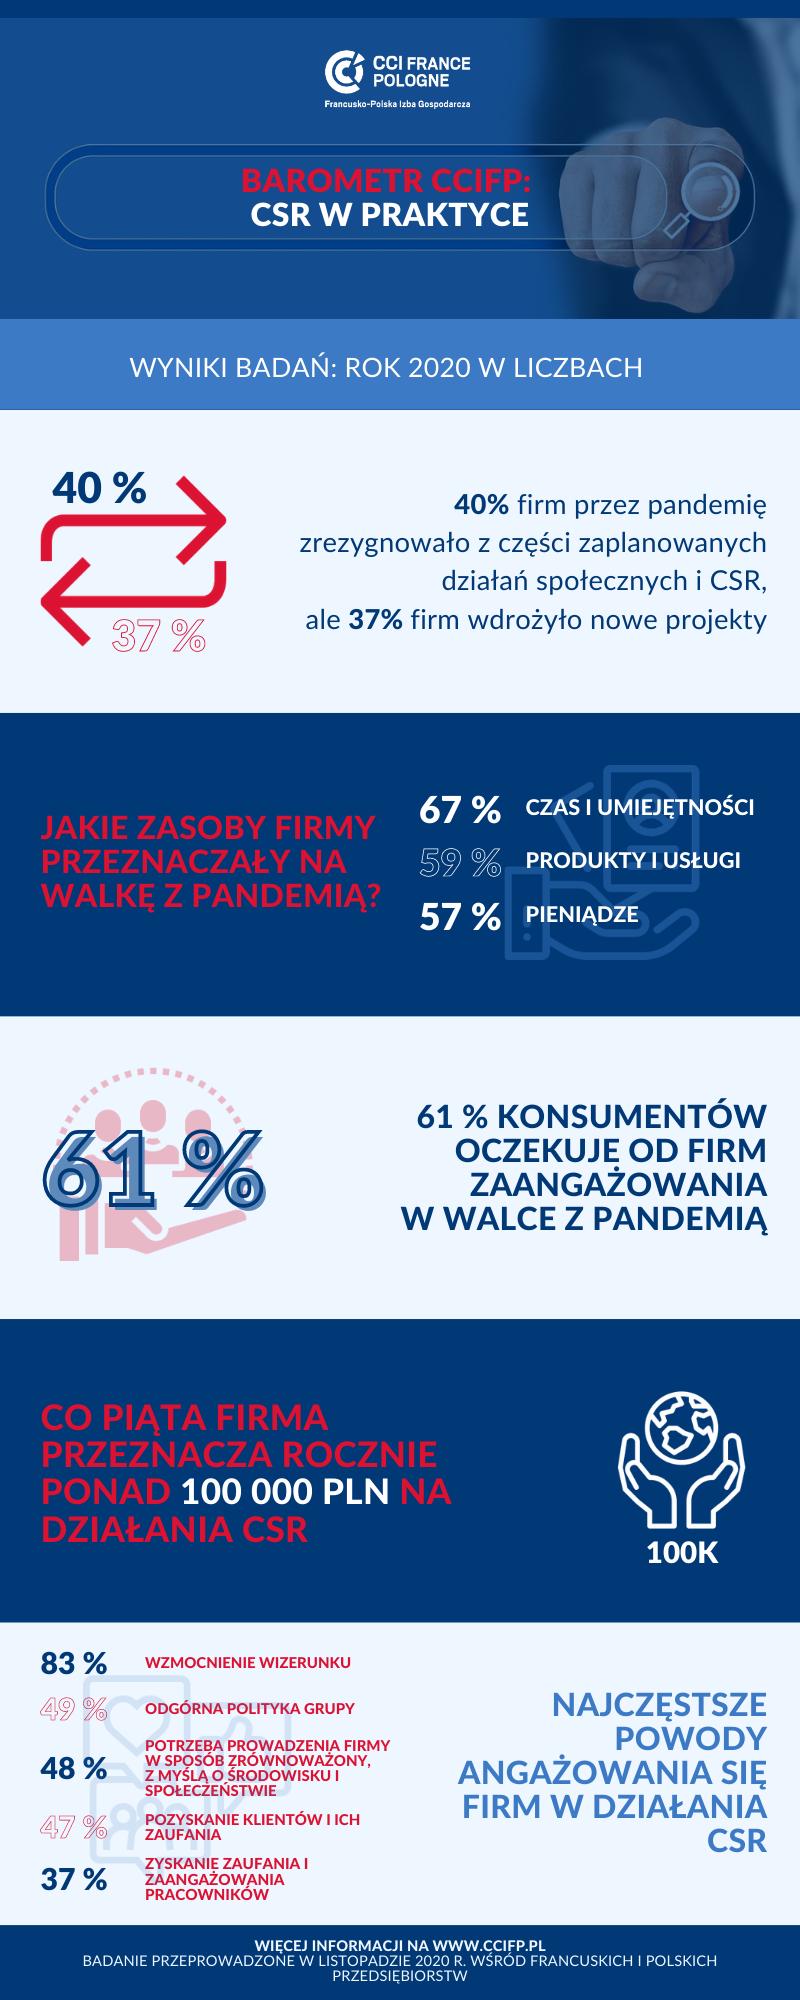 Barometr wyniki – ROK 2020 W LICZBACH